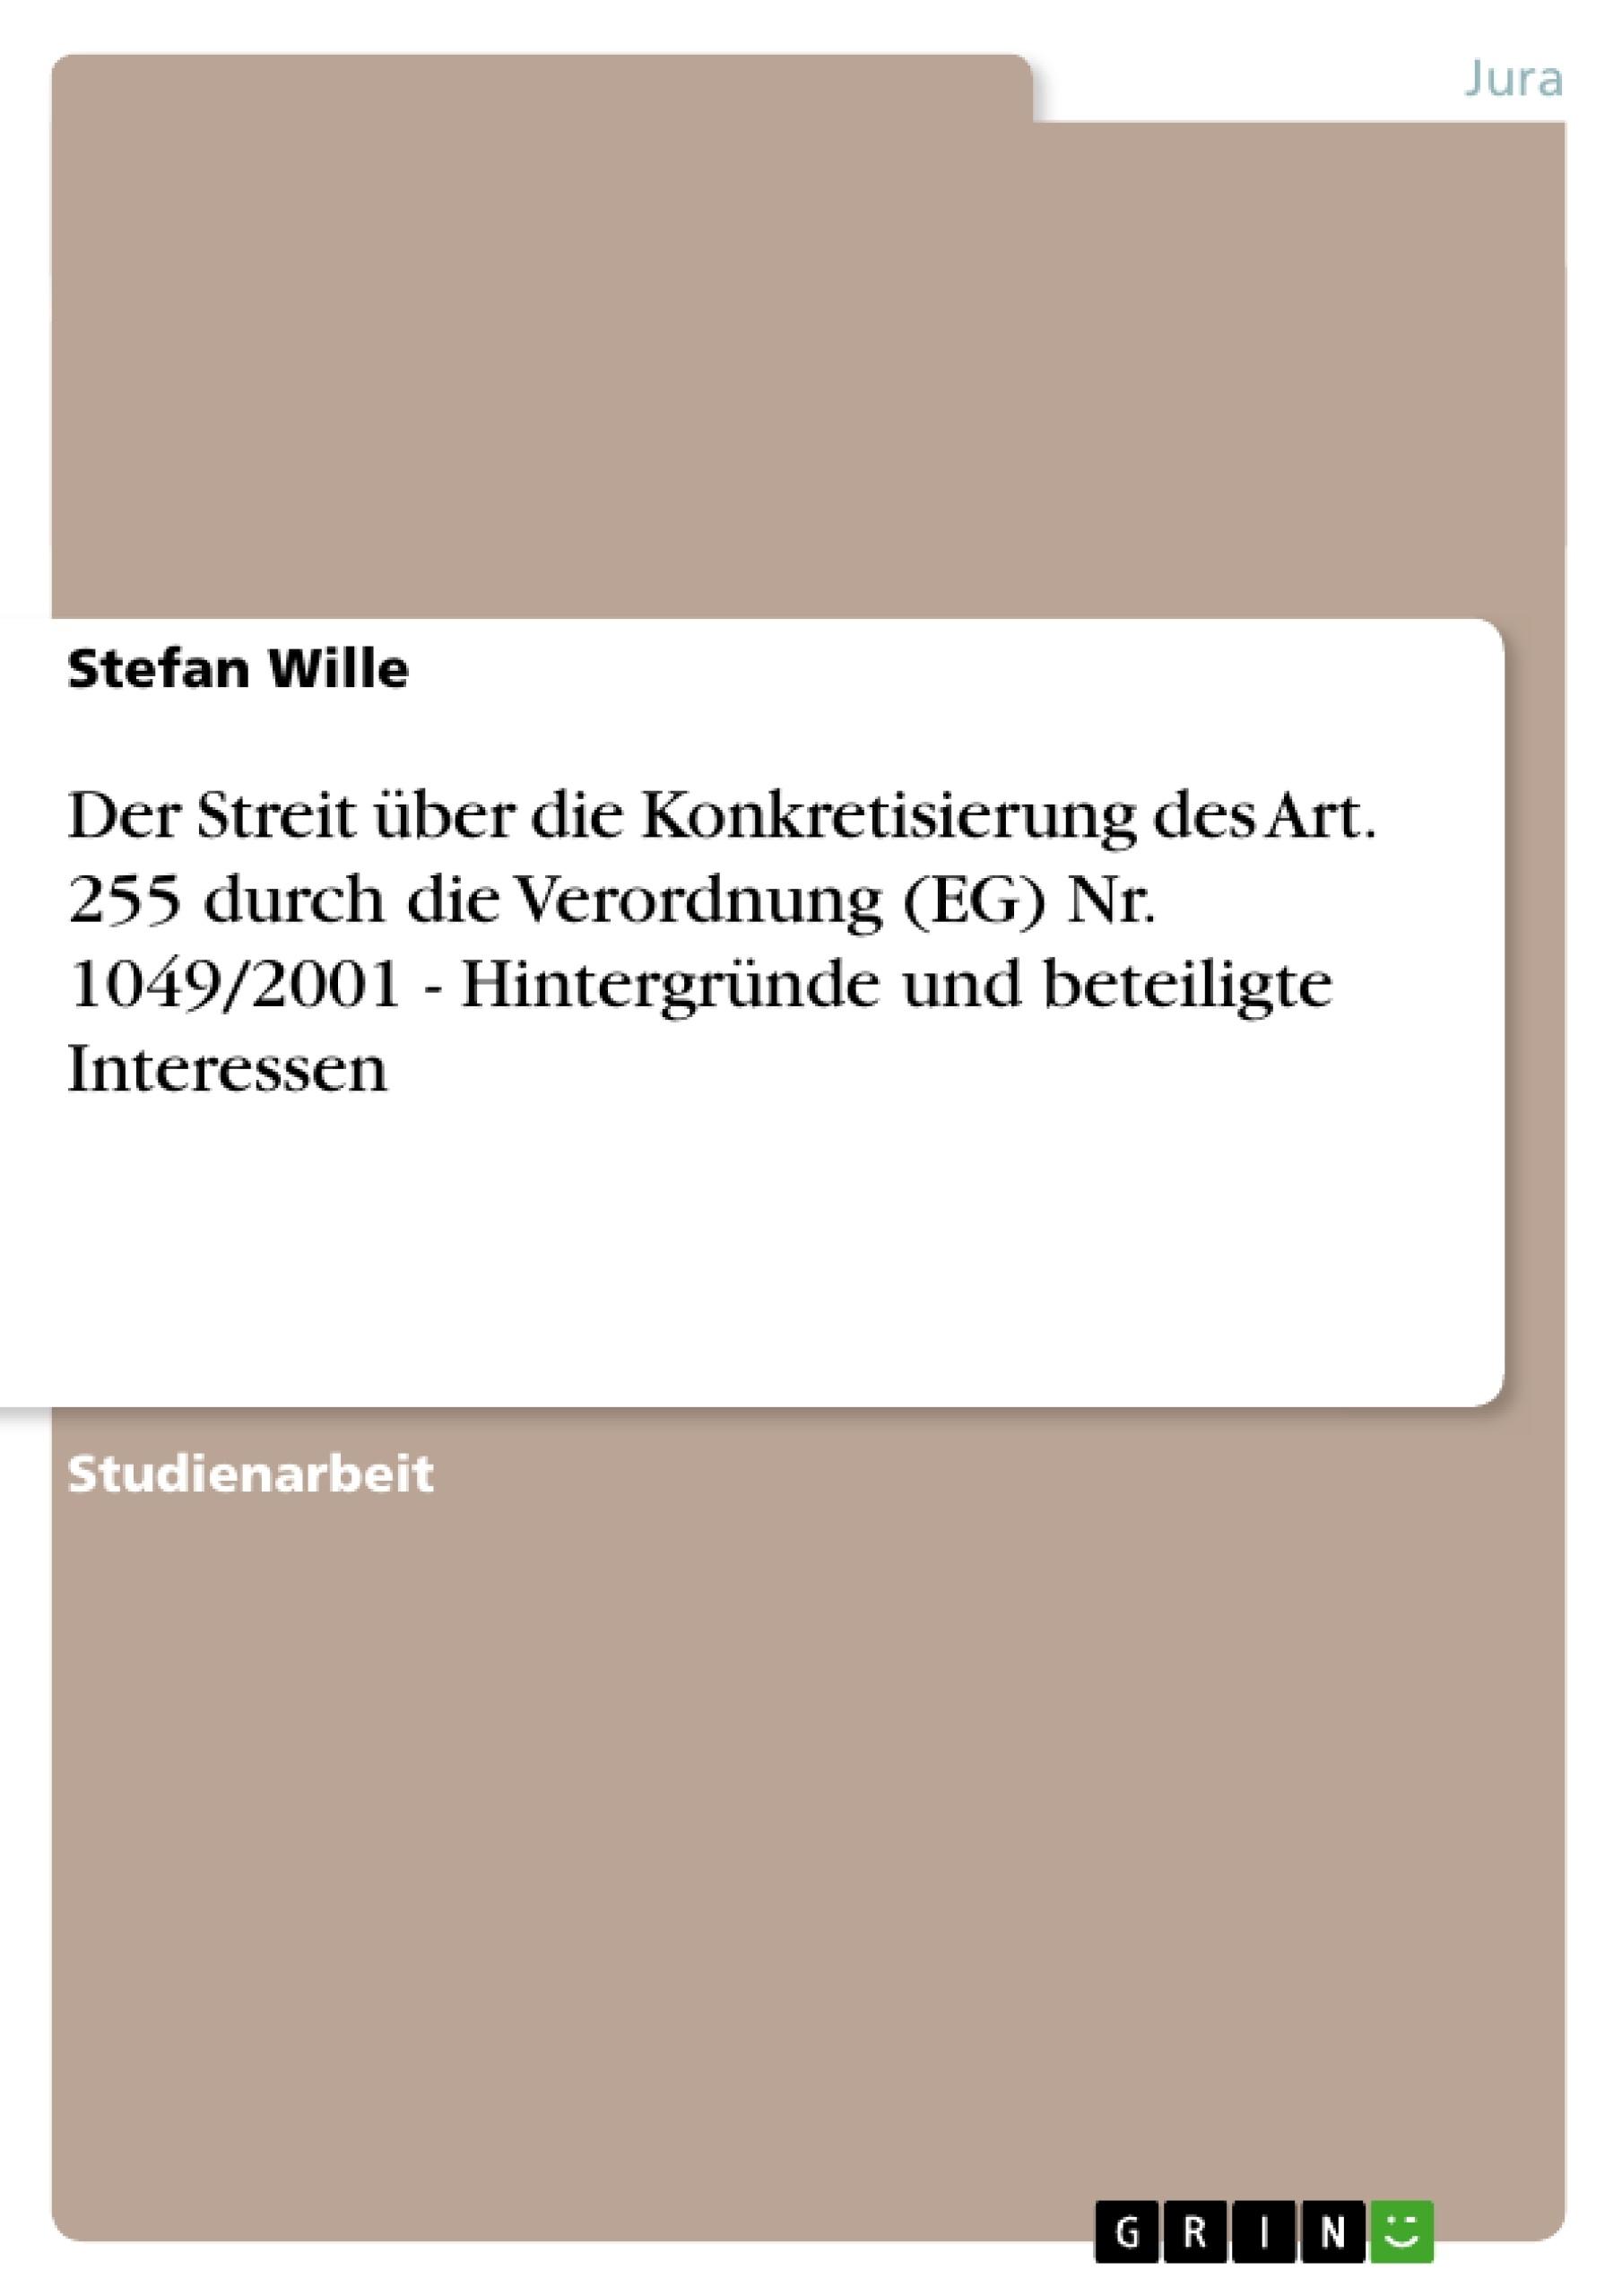 Titel: Der Streit über die Konkretisierung des Art. 255 durch die Verordnung (EG) Nr. 1049/2001 - Hintergründe und beteiligte Interessen